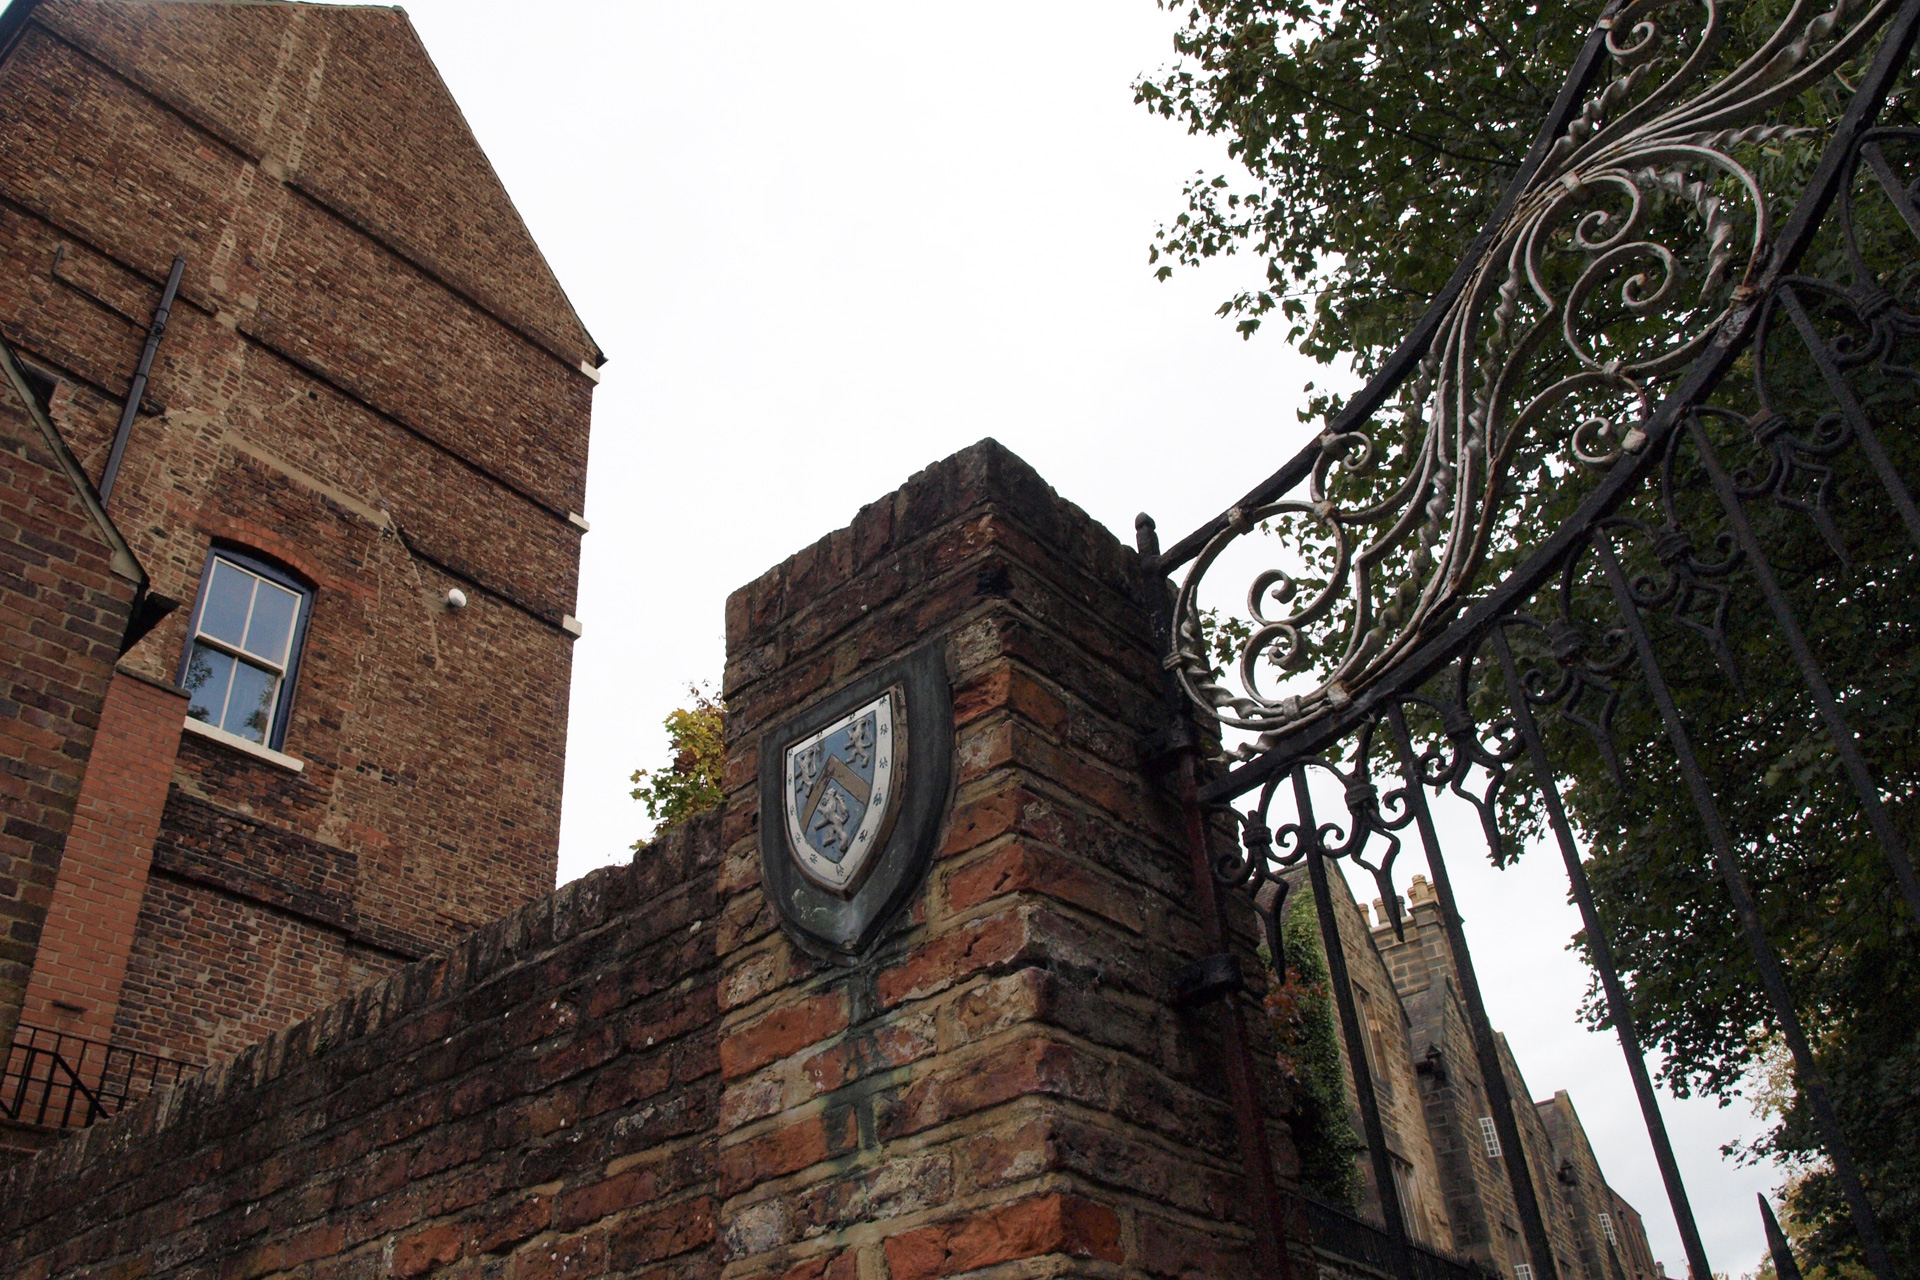 buchstabenplus, Durham